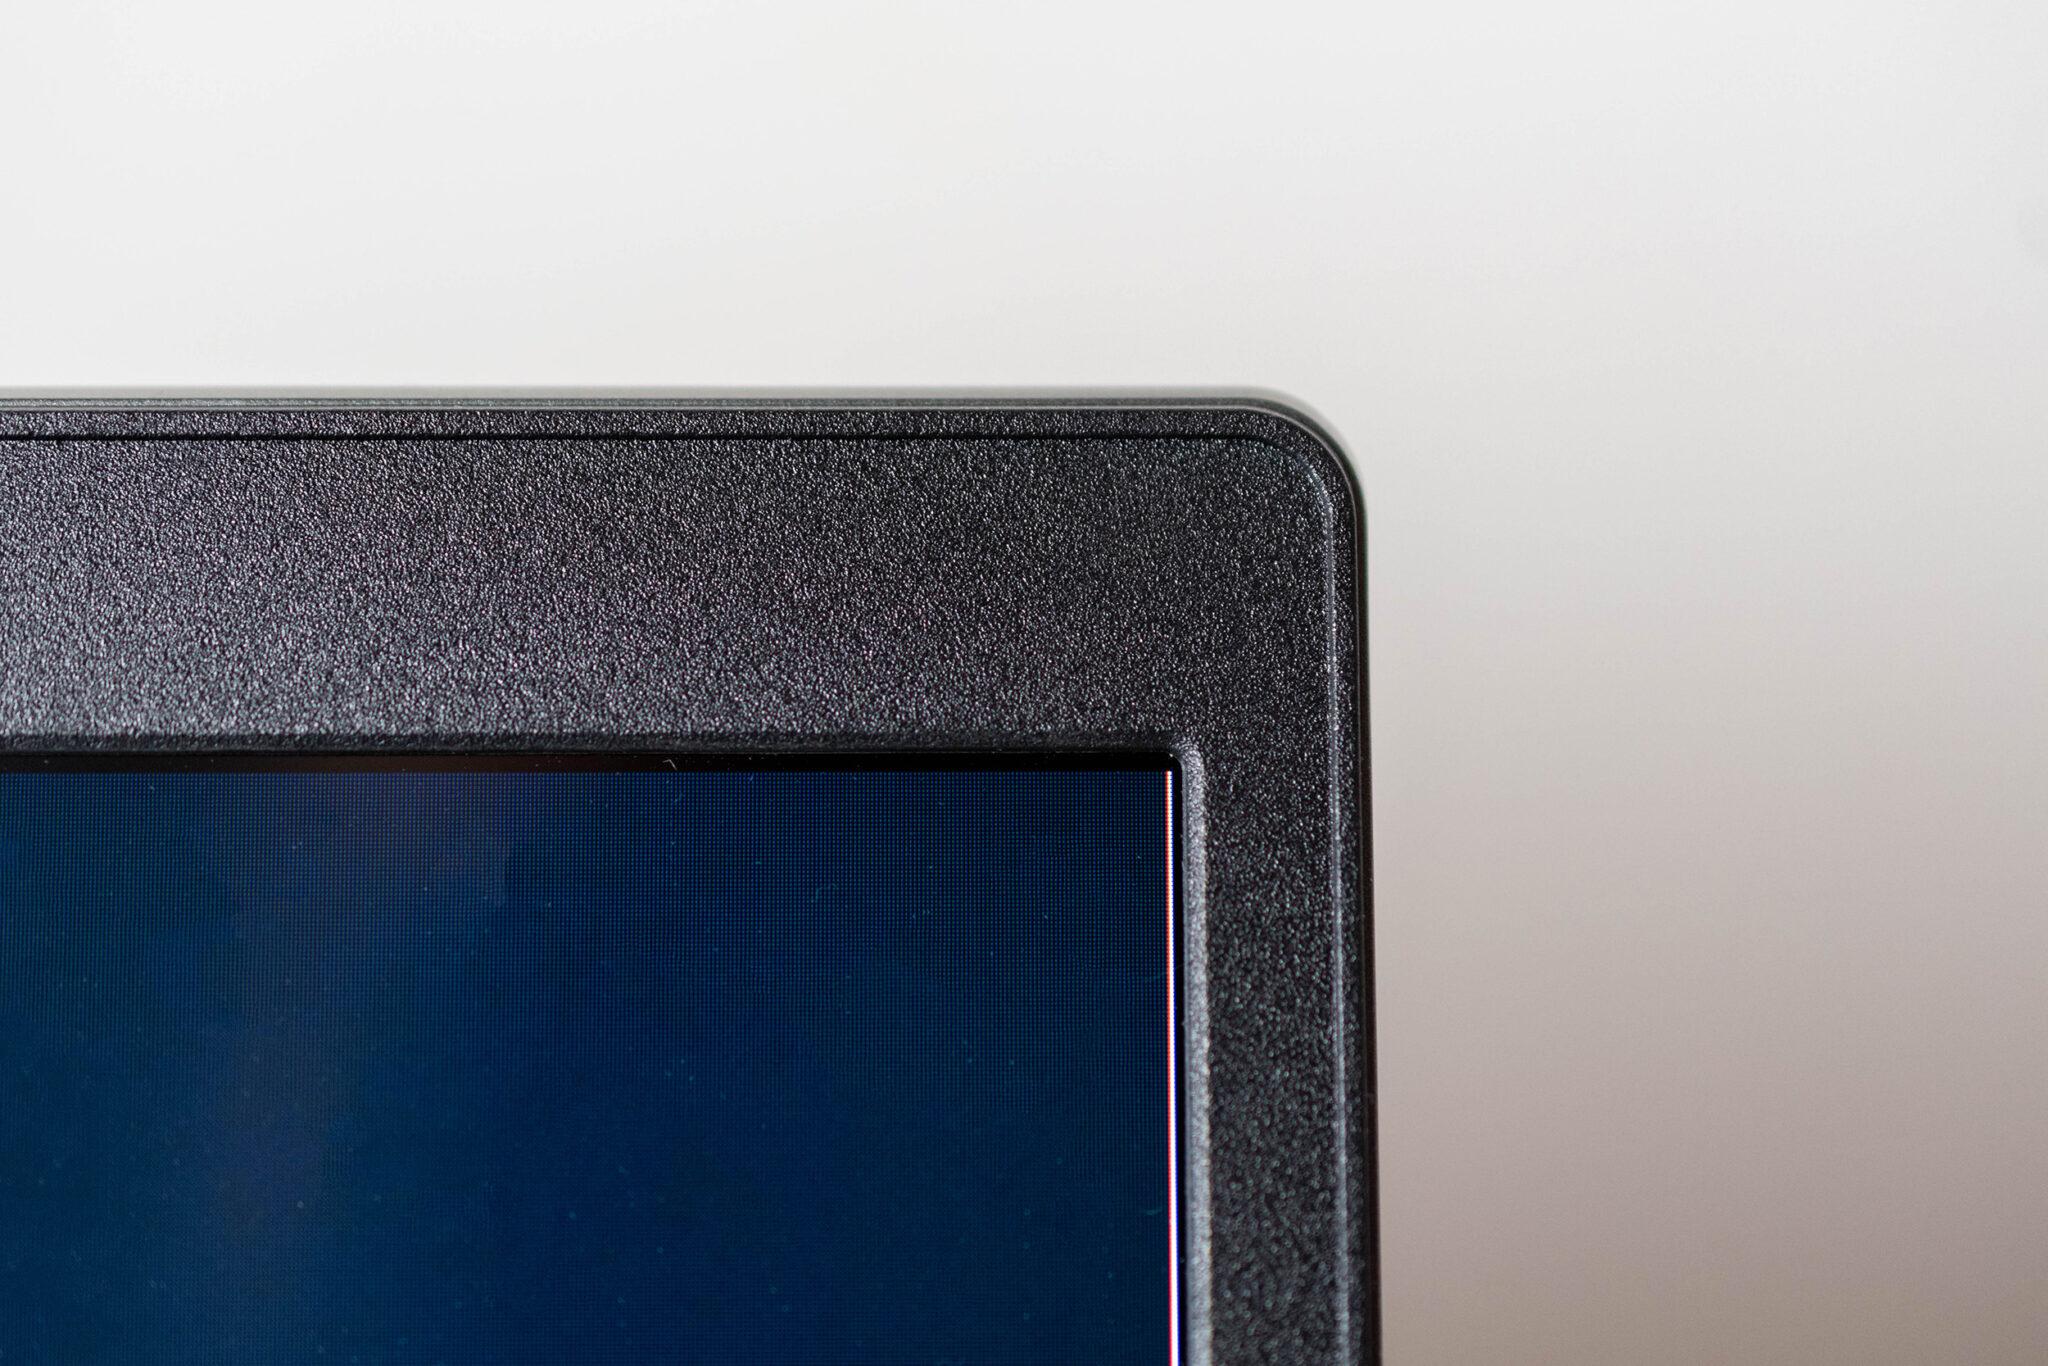 Die Displayrahmen des Lenovo V17 sind schlank